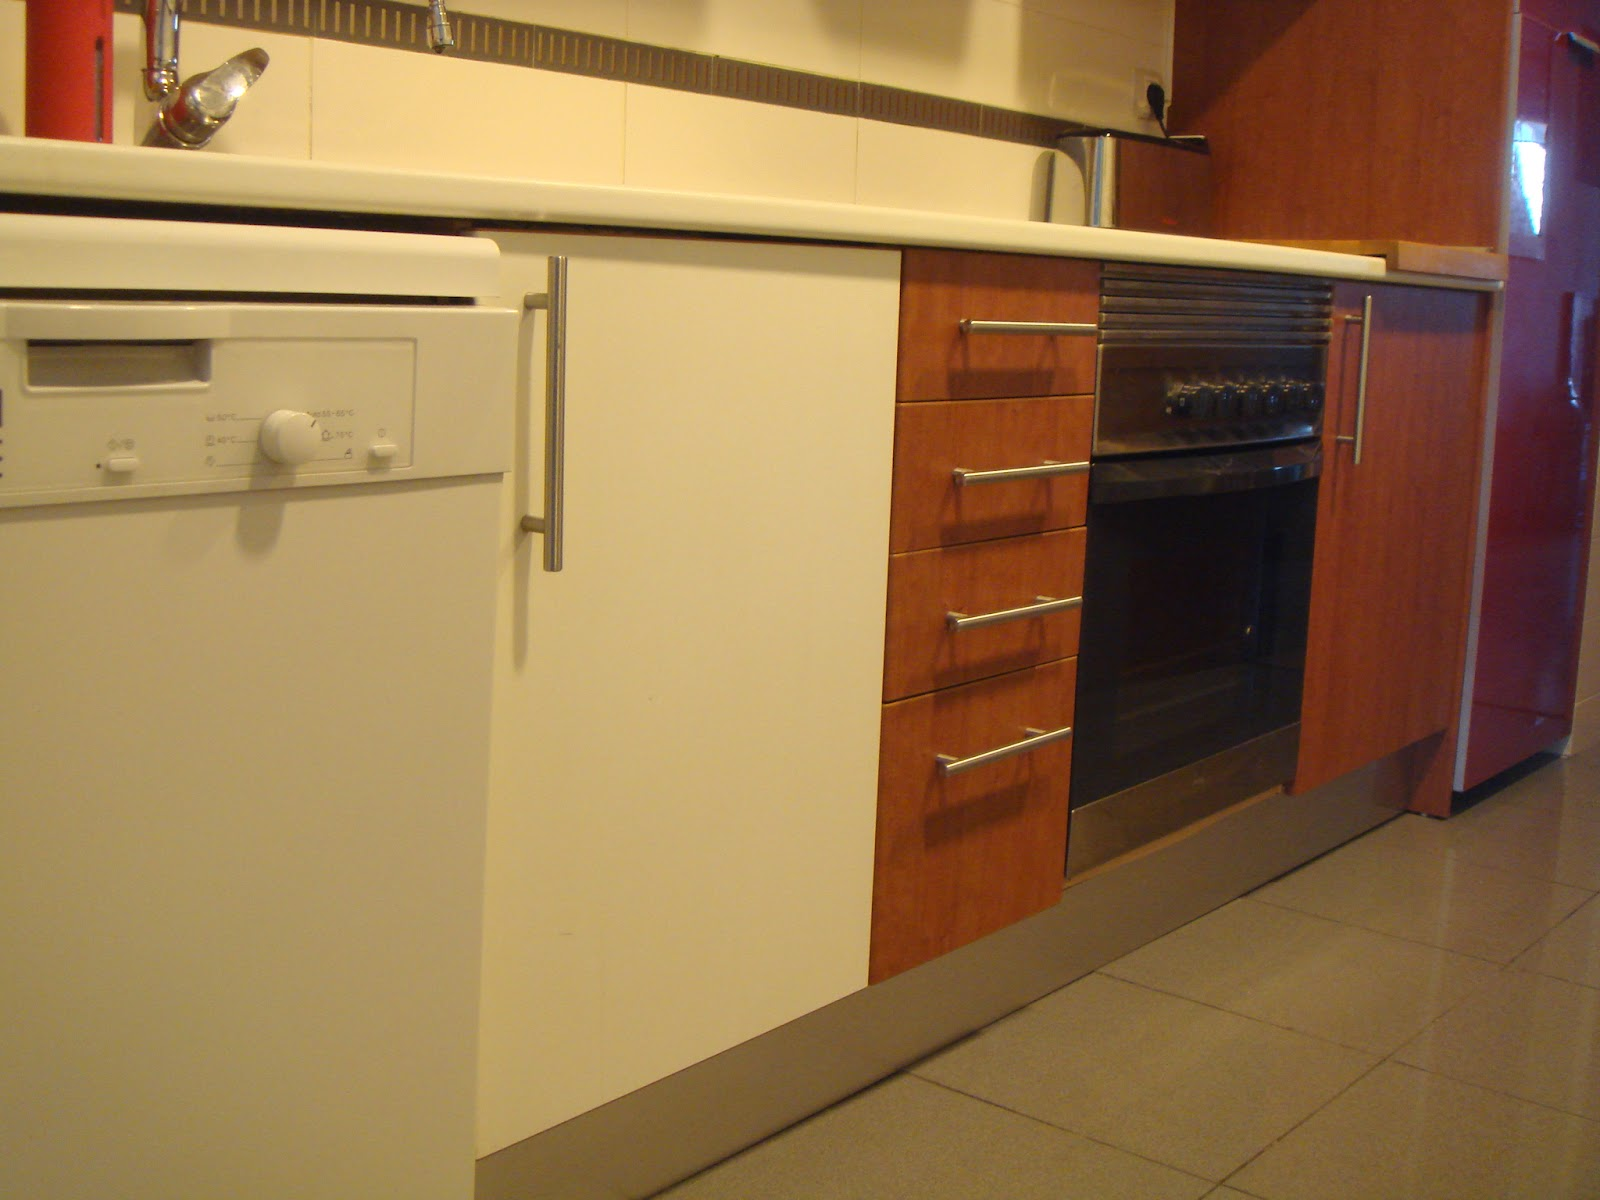 Hermoso forrar armarios de cocina galer a de im genes - Como forrar muebles de cocina ...